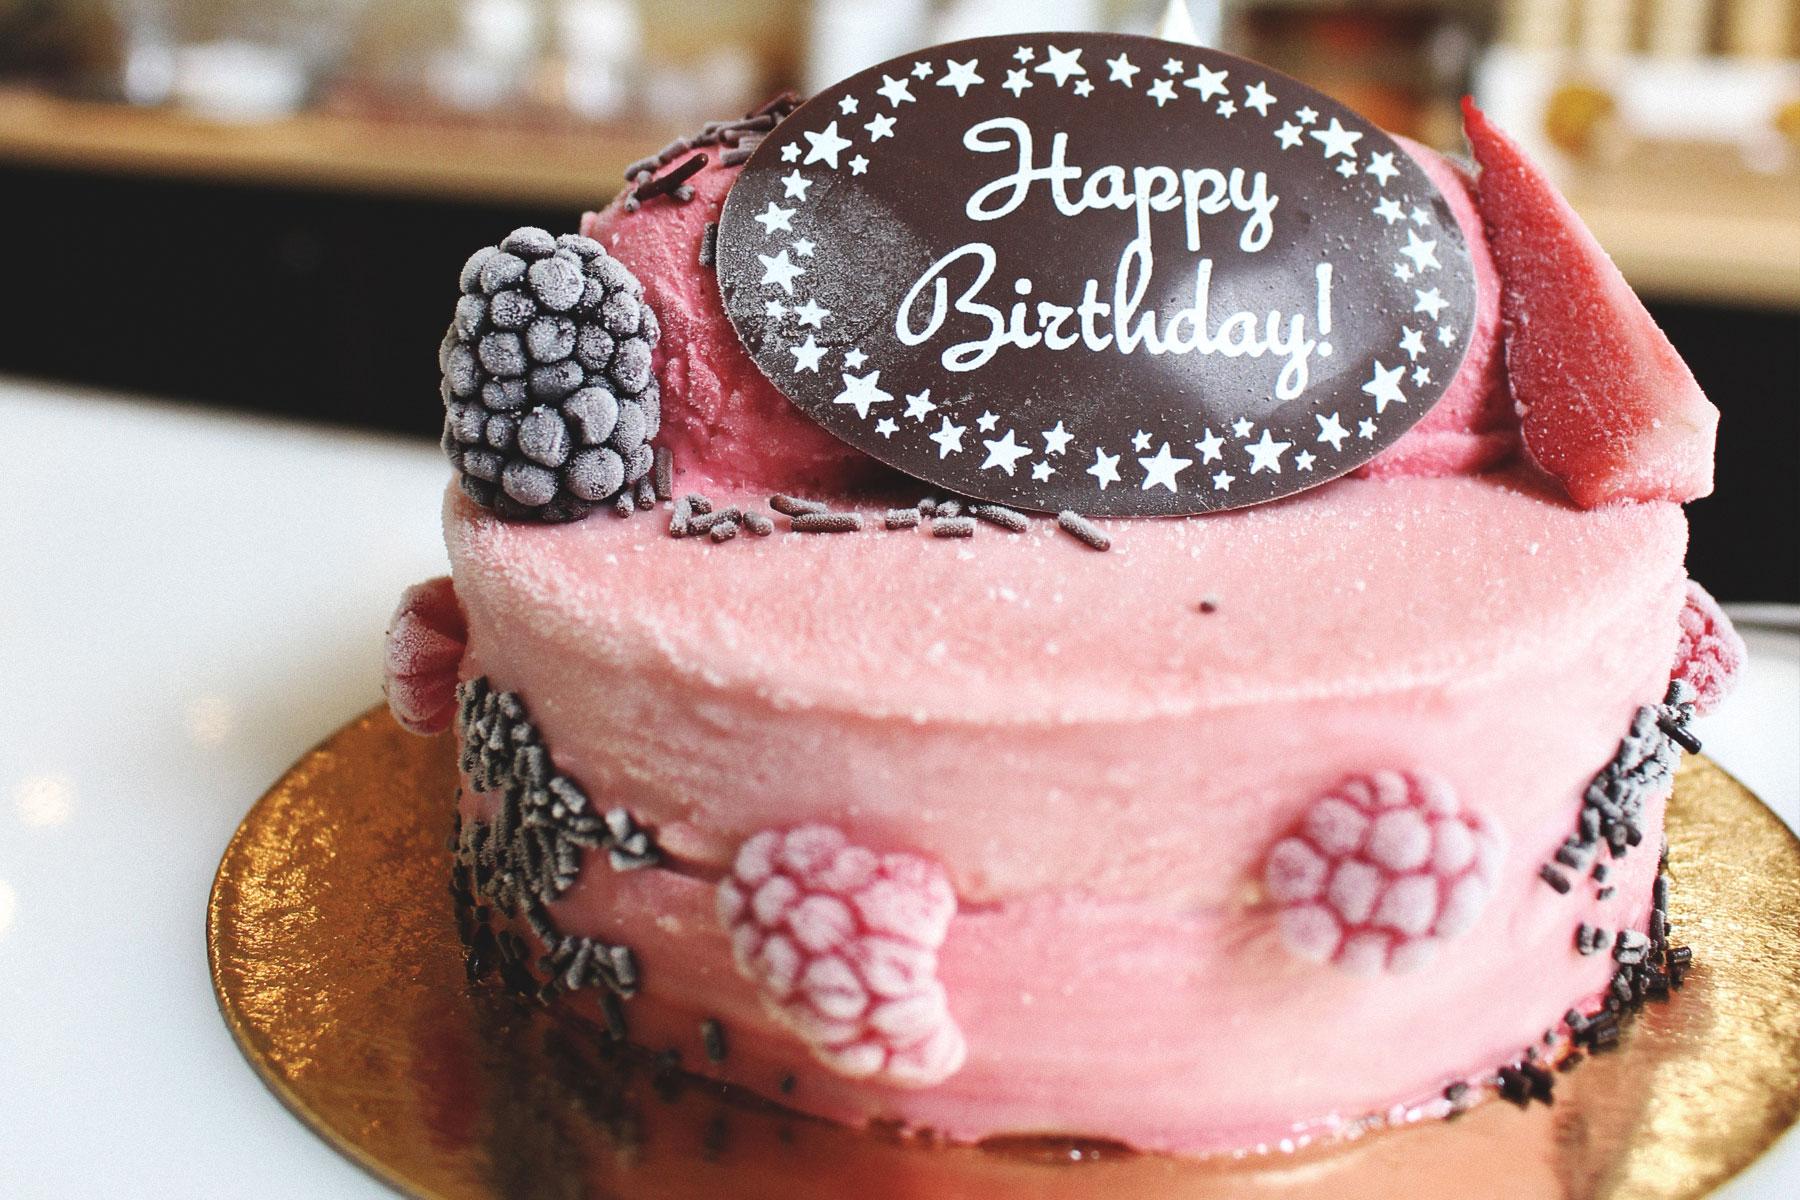 berry cake with happy birthday plaque